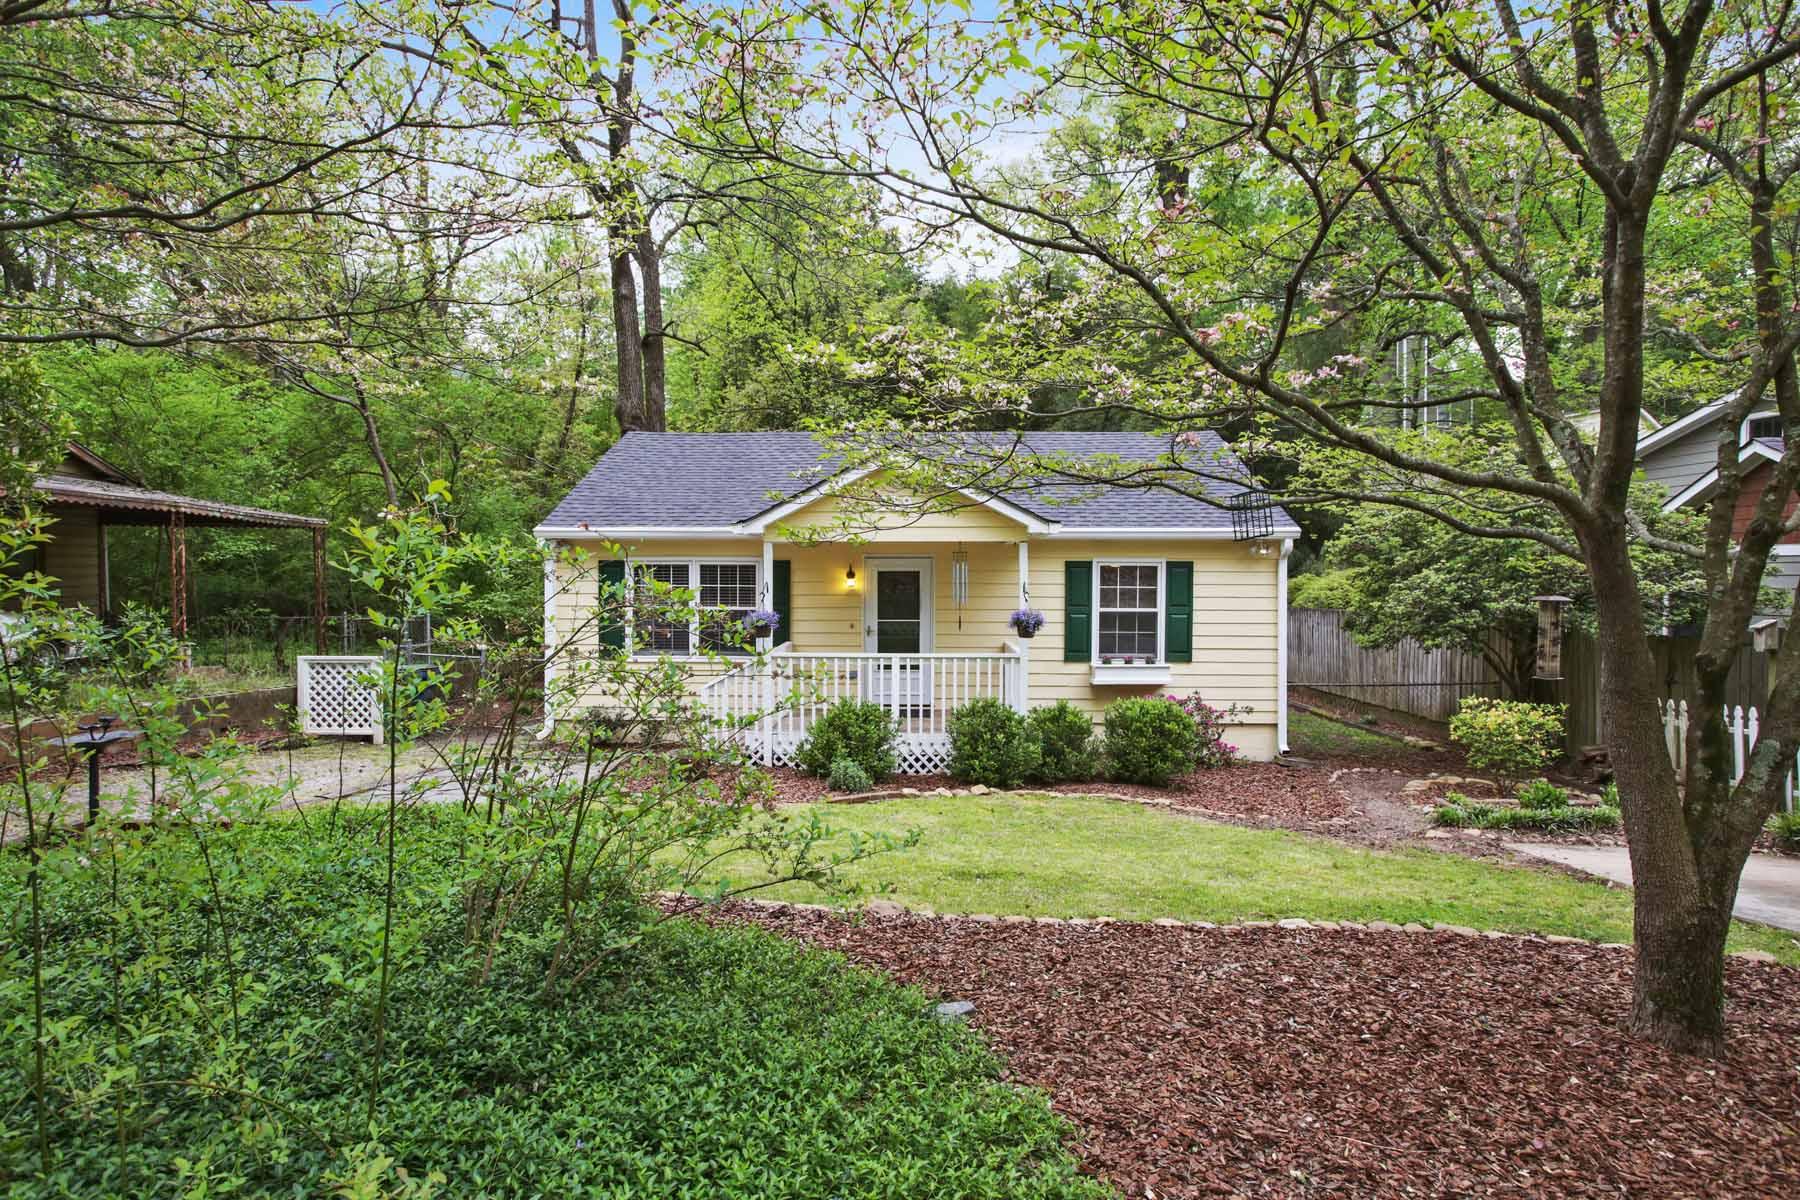 Μονοκατοικία για την Πώληση στο Amazing Value for 21 Updated Ormewood Park Bungalow! 989 Ormewood Avenue SE Atlanta, Γεωργια 30316 Ηνωμενεσ Πολιτειεσ